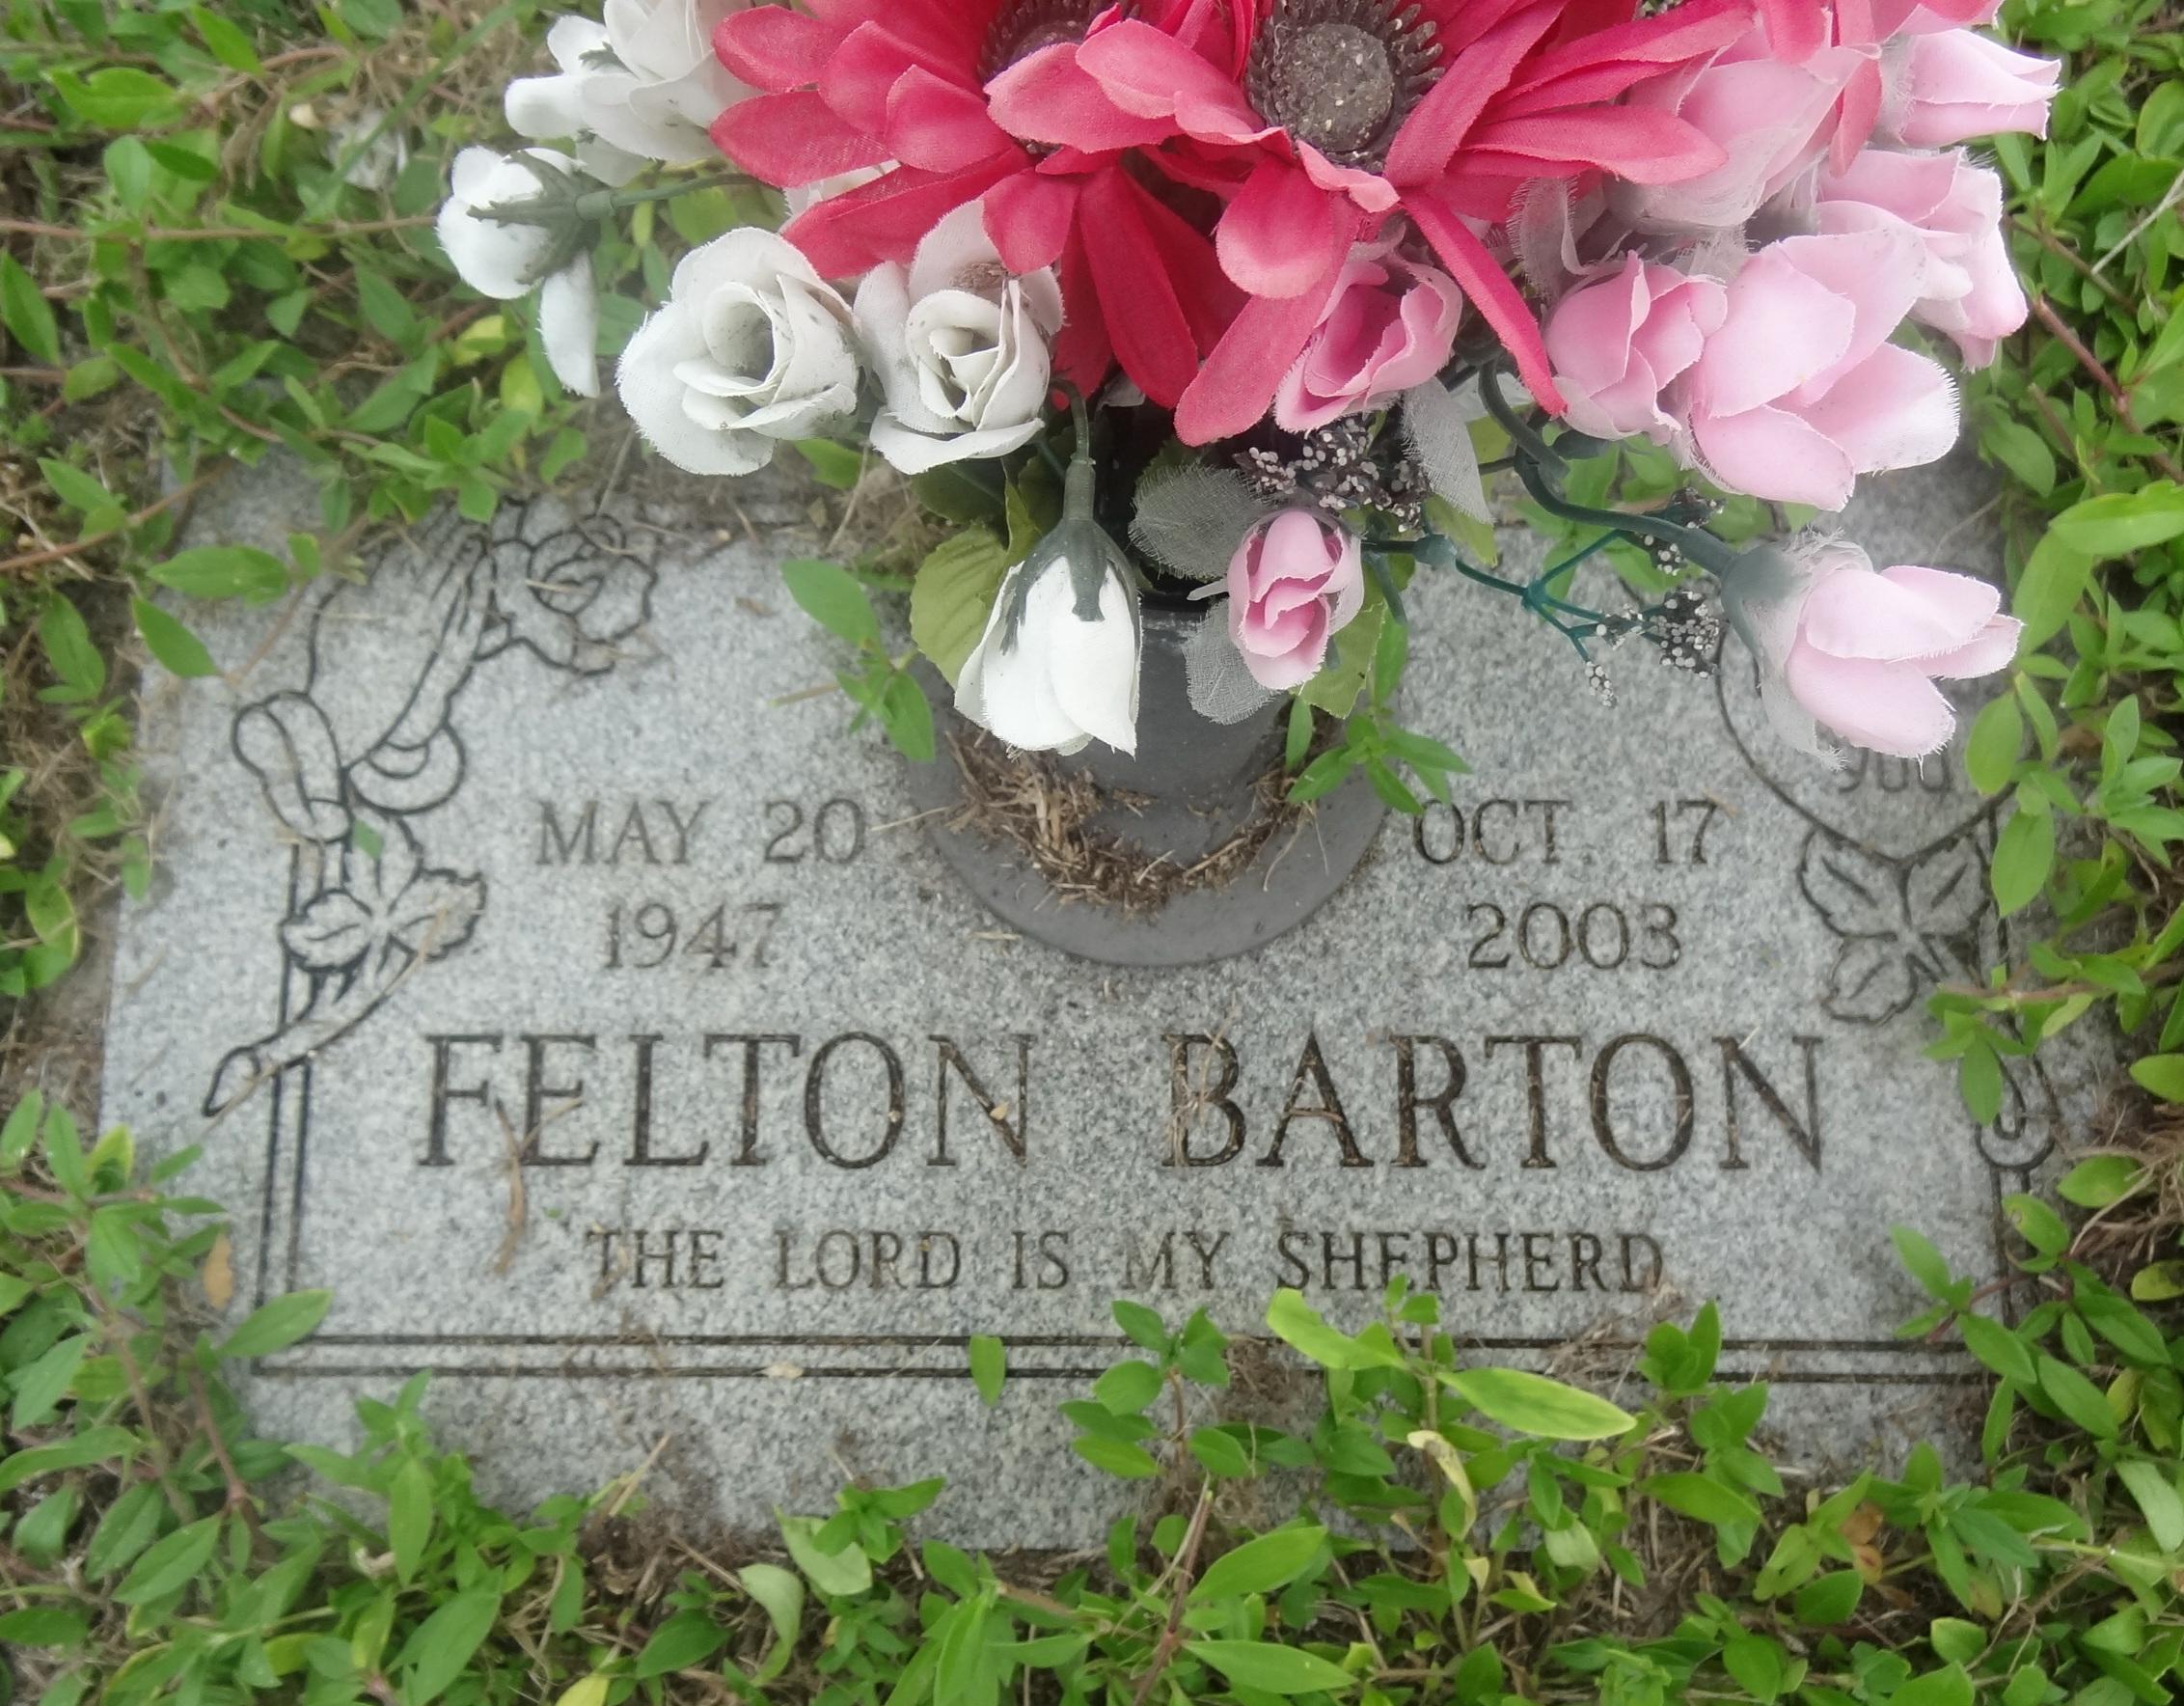 Felton Barton